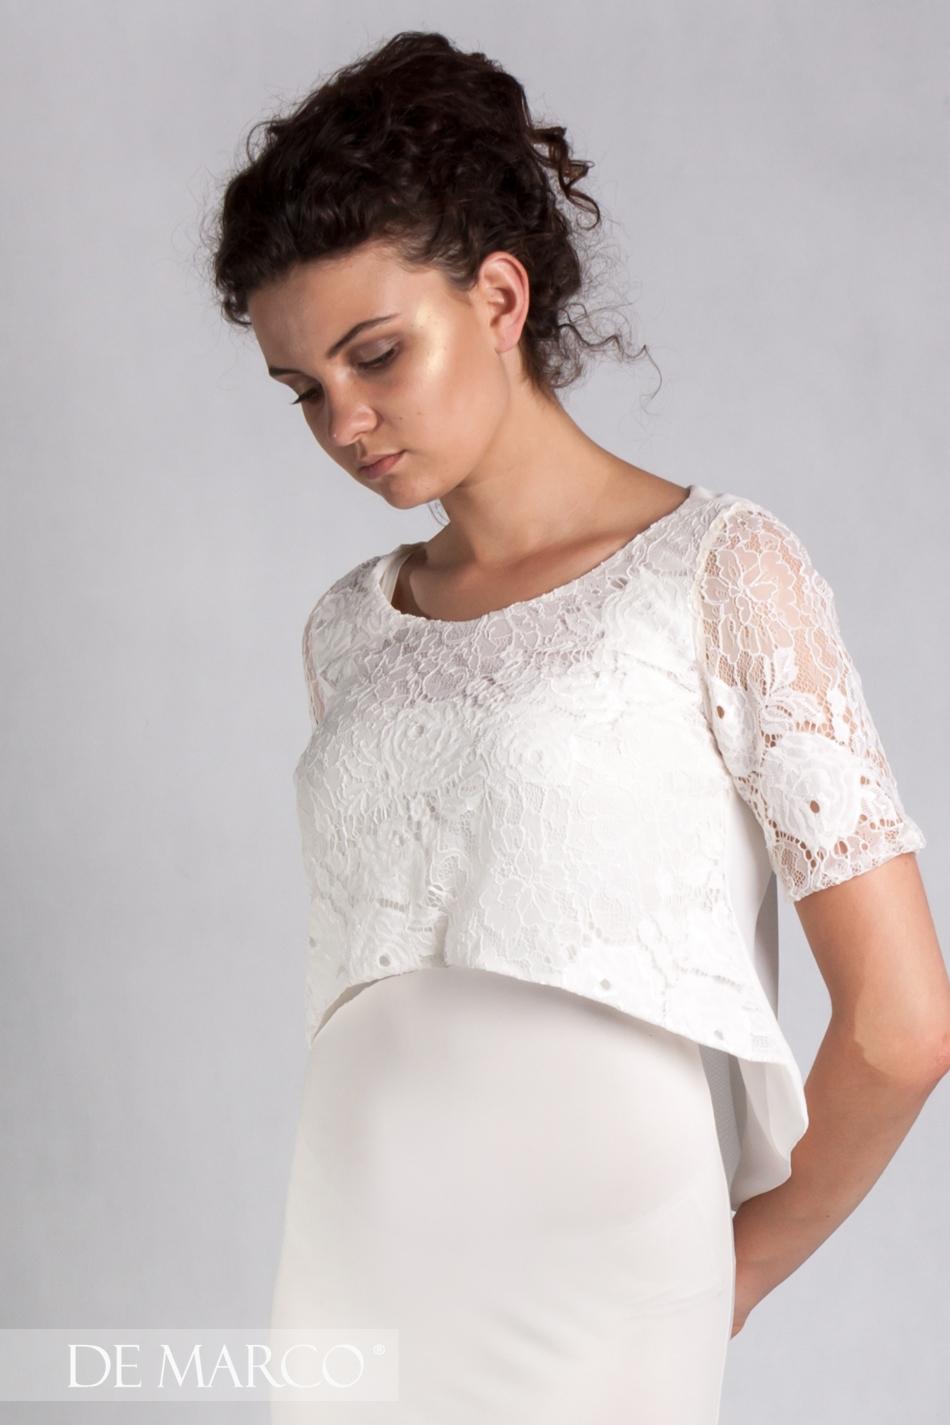 9d6e854ee0 Piękna kreacja dwuczęściowa z koronkowym topem Leticia · Modna kreacja na  lato do pracy Leticia · Elegancka śmietanowa sukienka ...